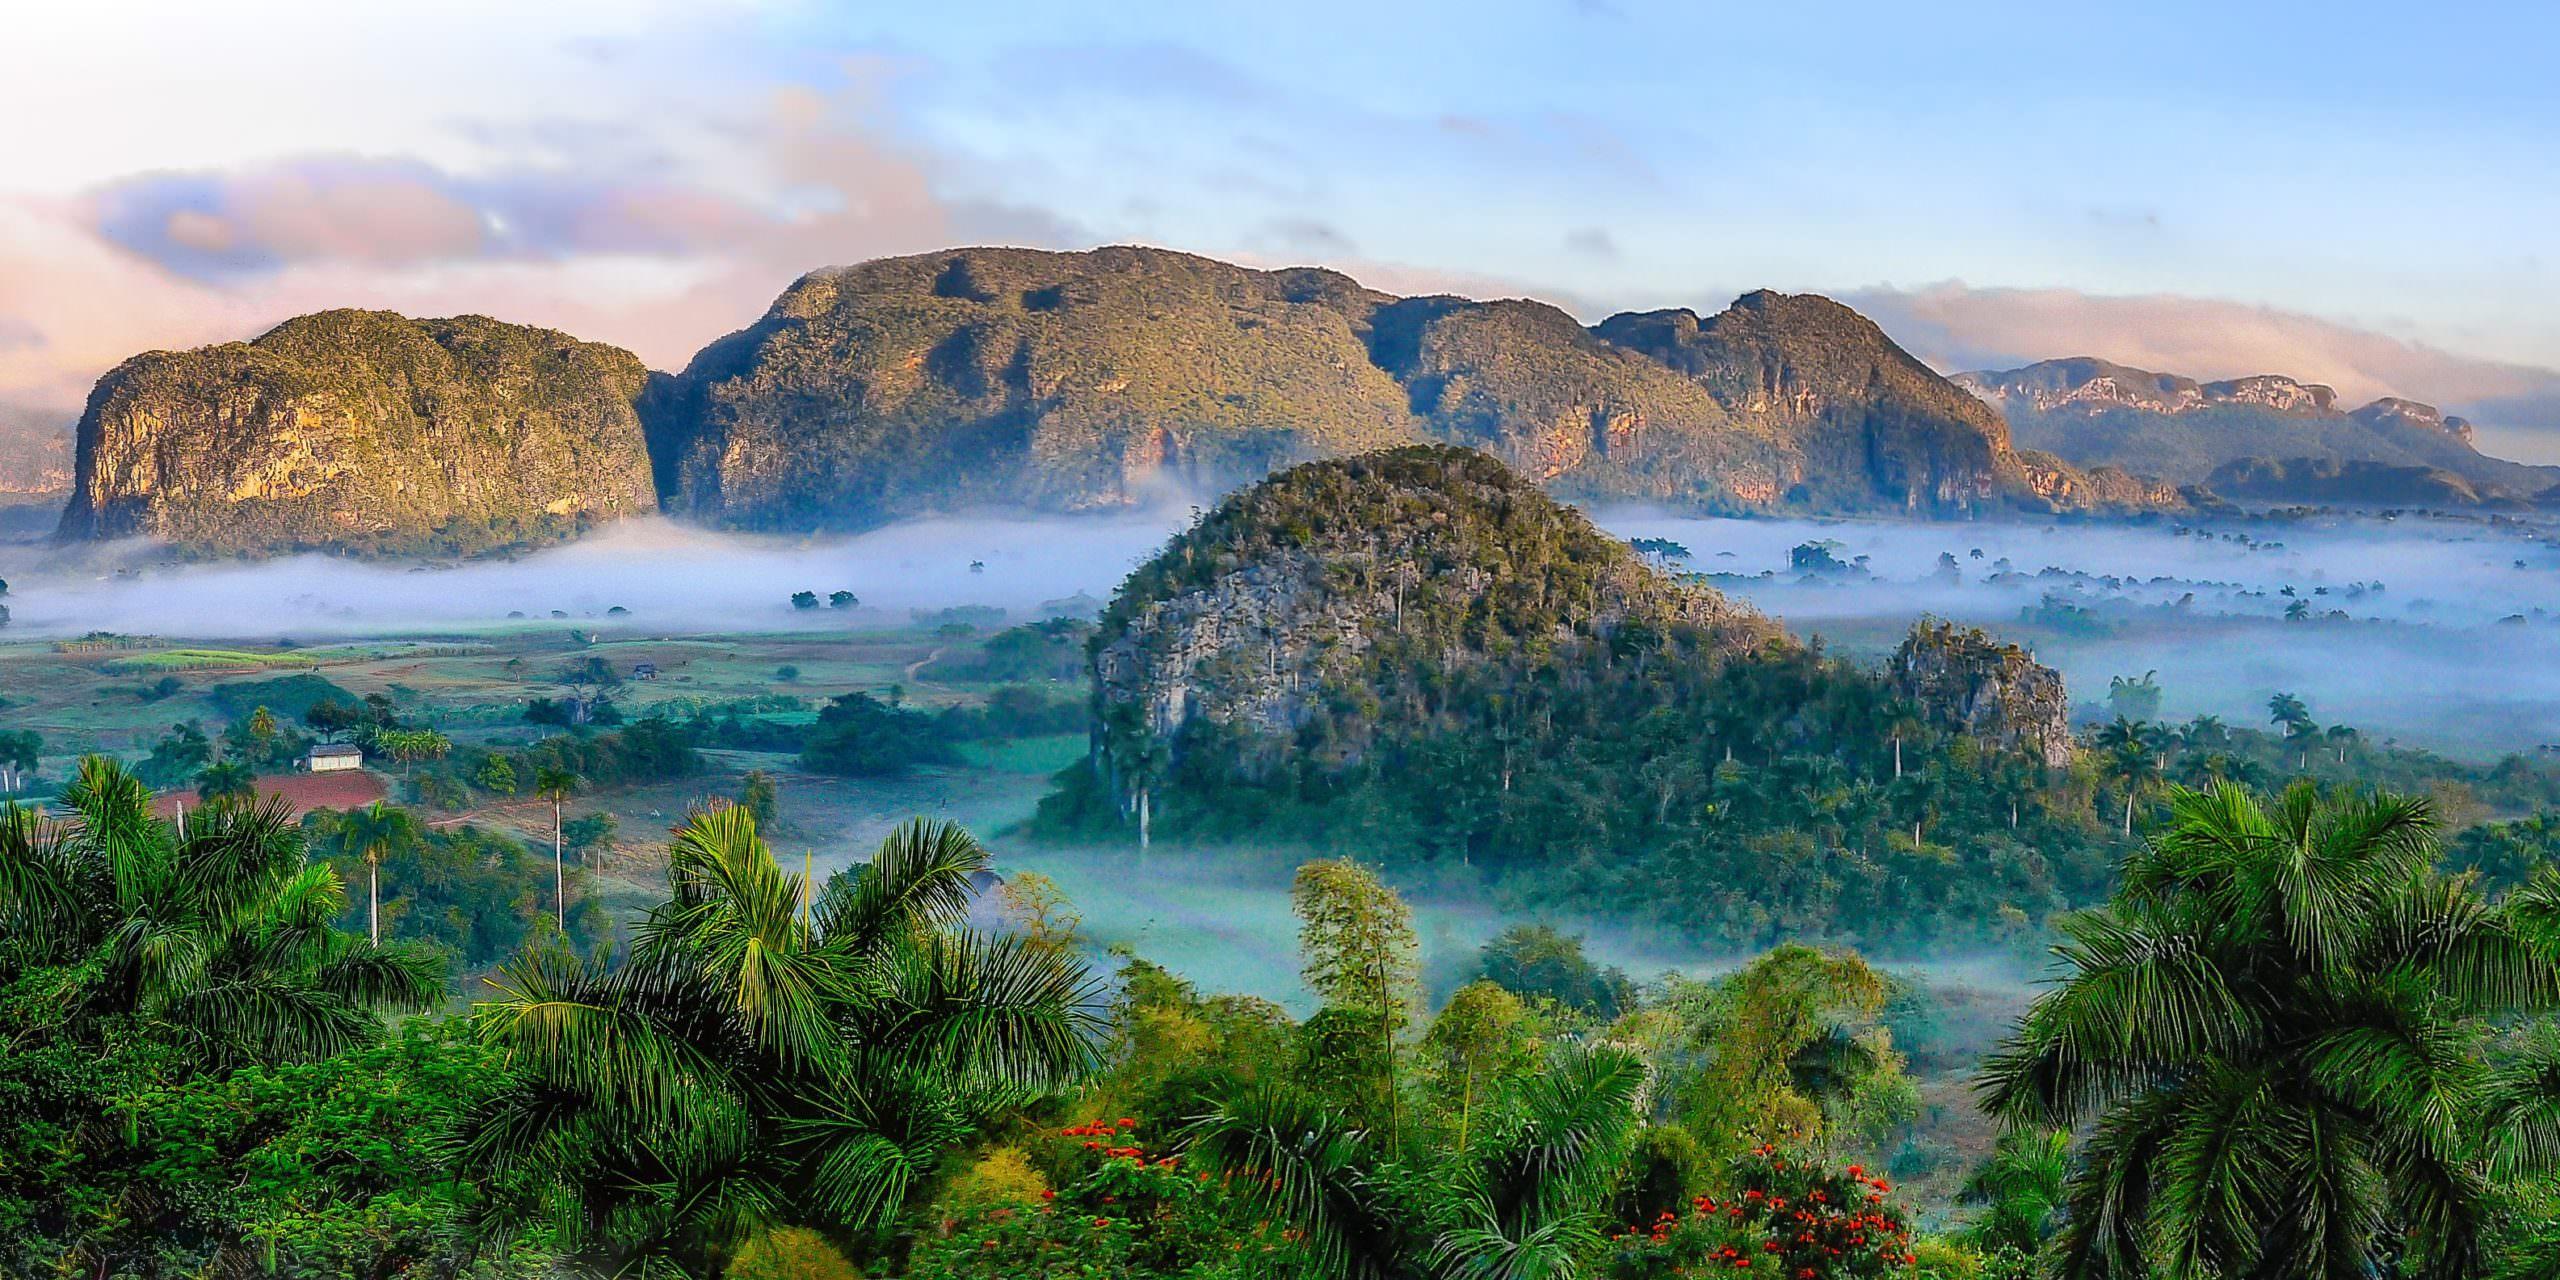 أفضل أماكن الجذب السياحي في كوبا